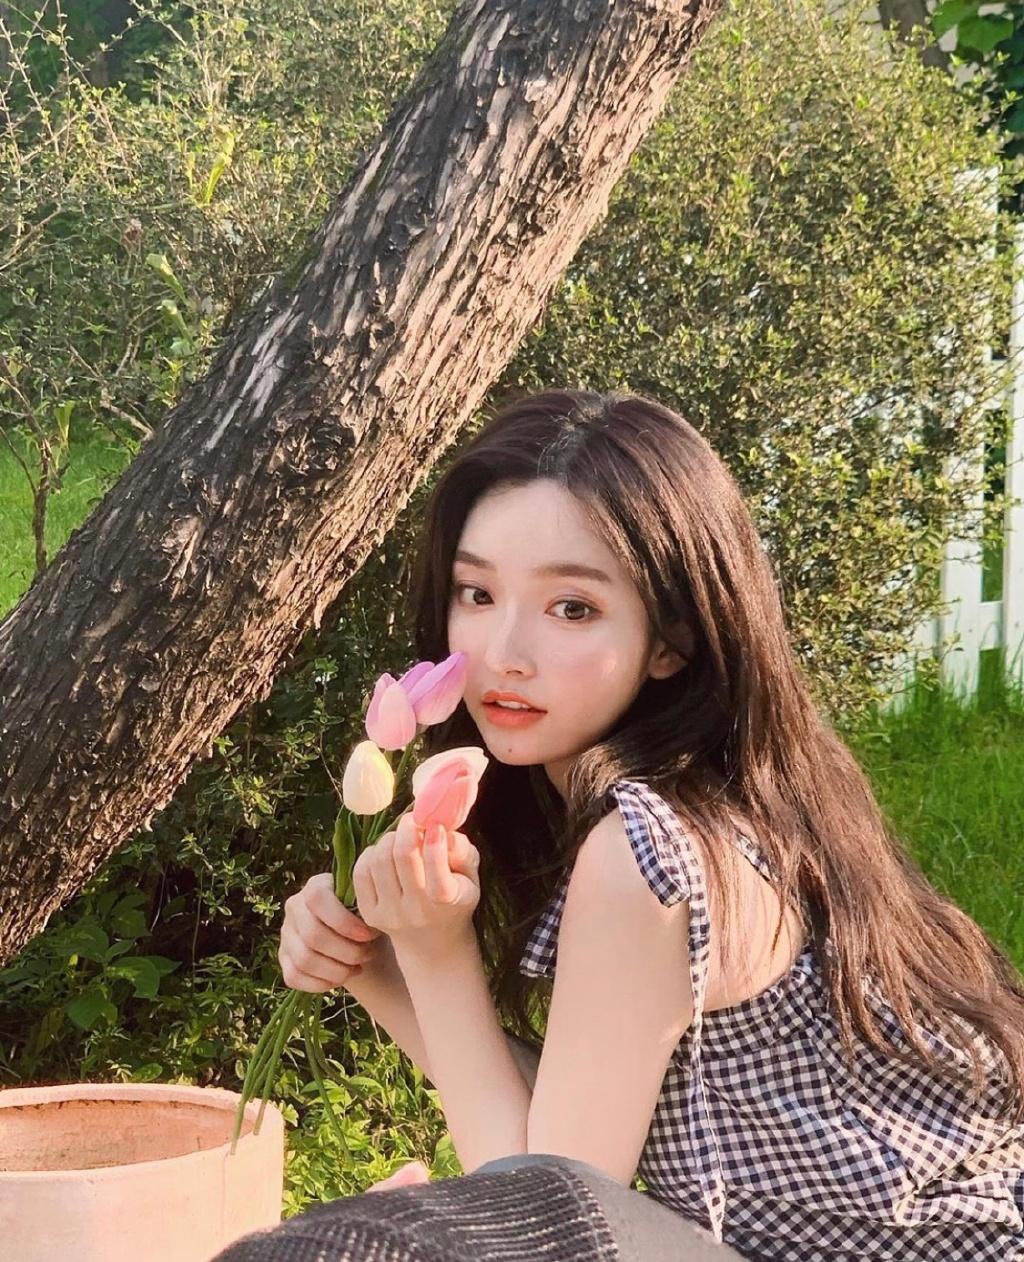 97韩国模特金娜熙